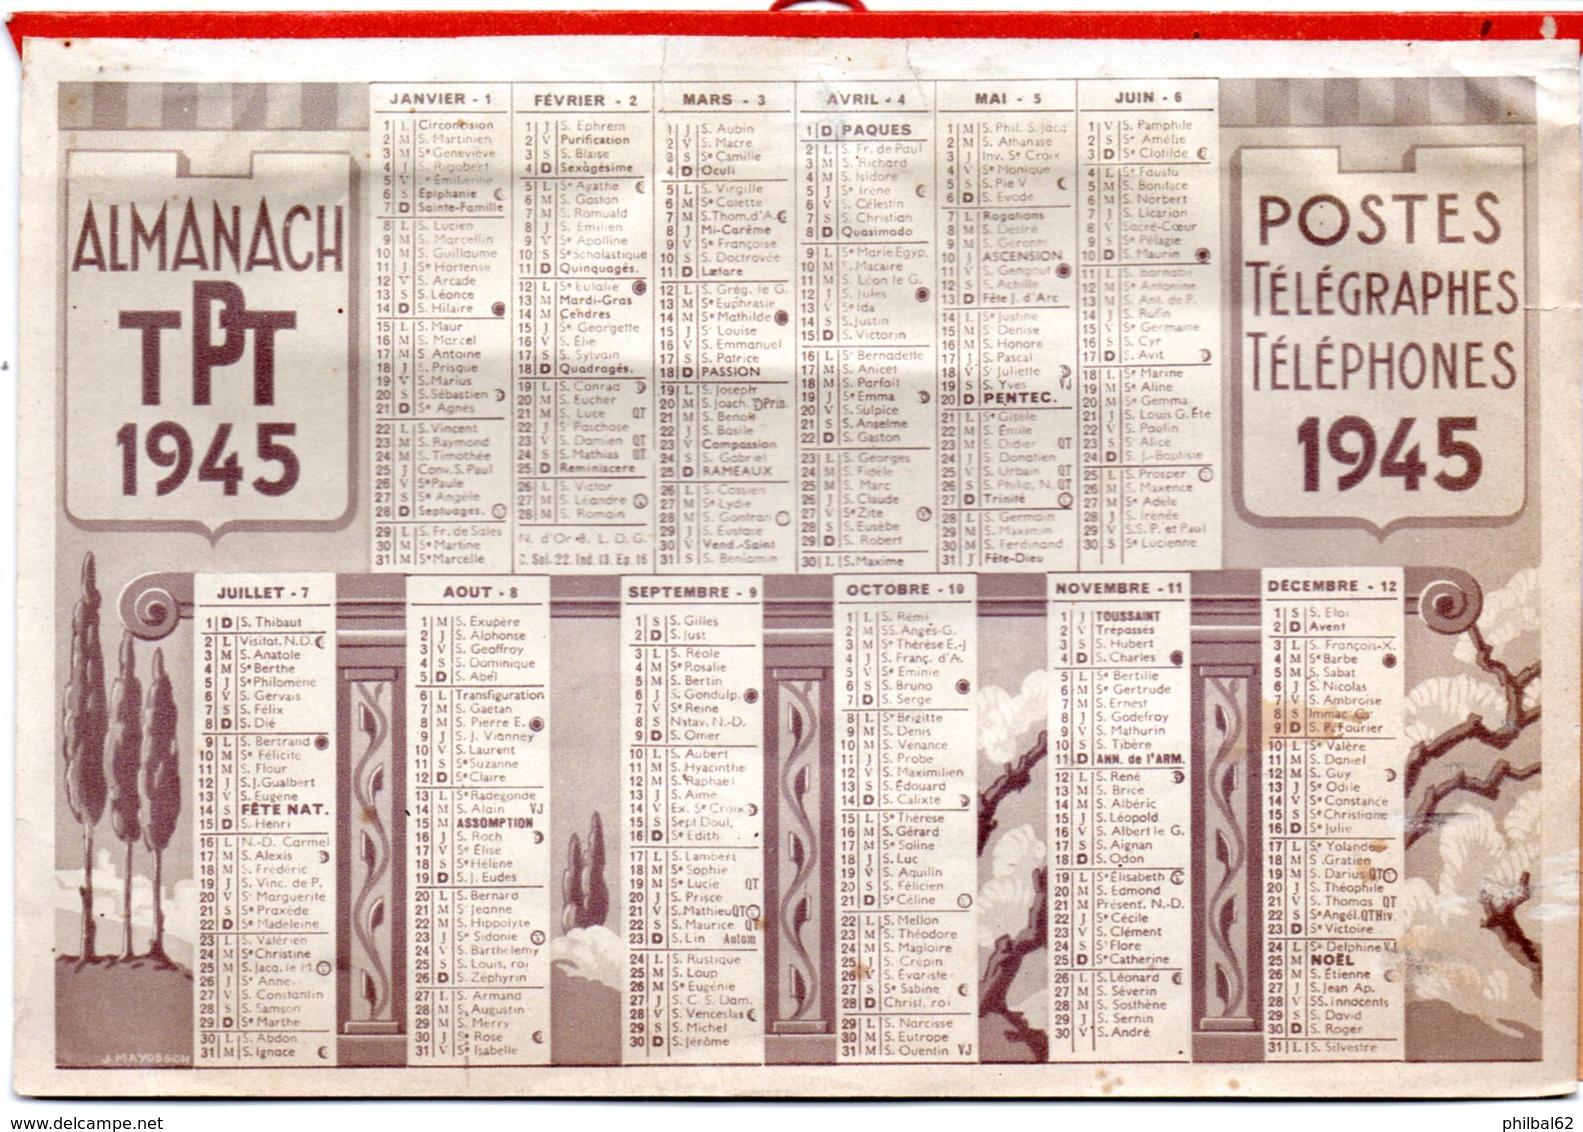 Almanach, Calendrier PTT 1945. Carte De Chemins De Fer, Tarifs Postaux, Levers Et Couchers De Soleil. Illust. J.Mayosson - Calendriers